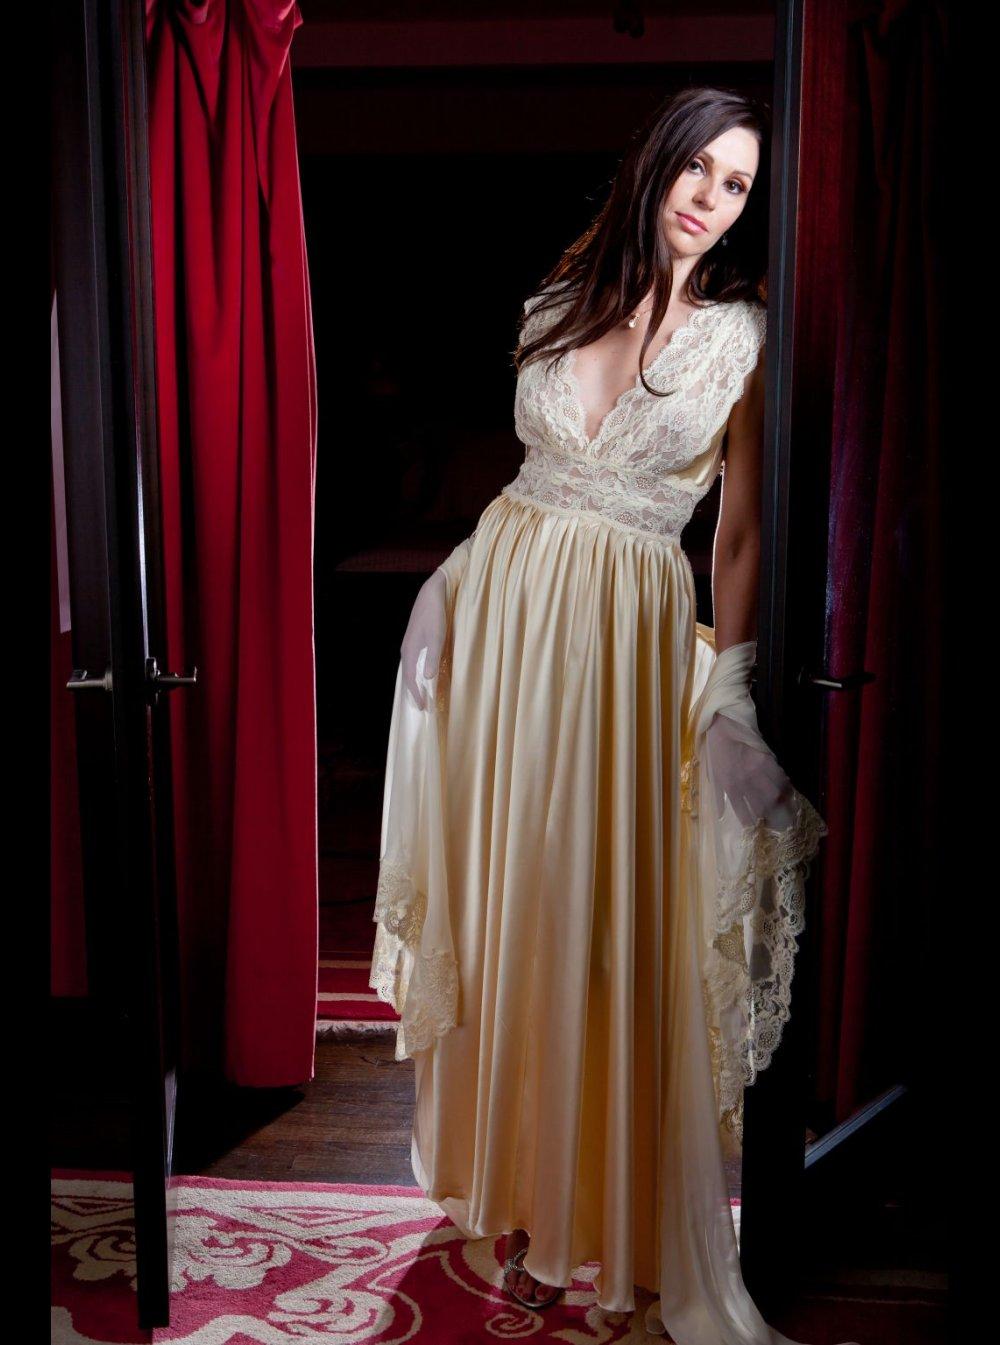 d490e8eab8 Jane Woolrich | Silk Nightdress - 9577 - Honeys Lingerie Boutique